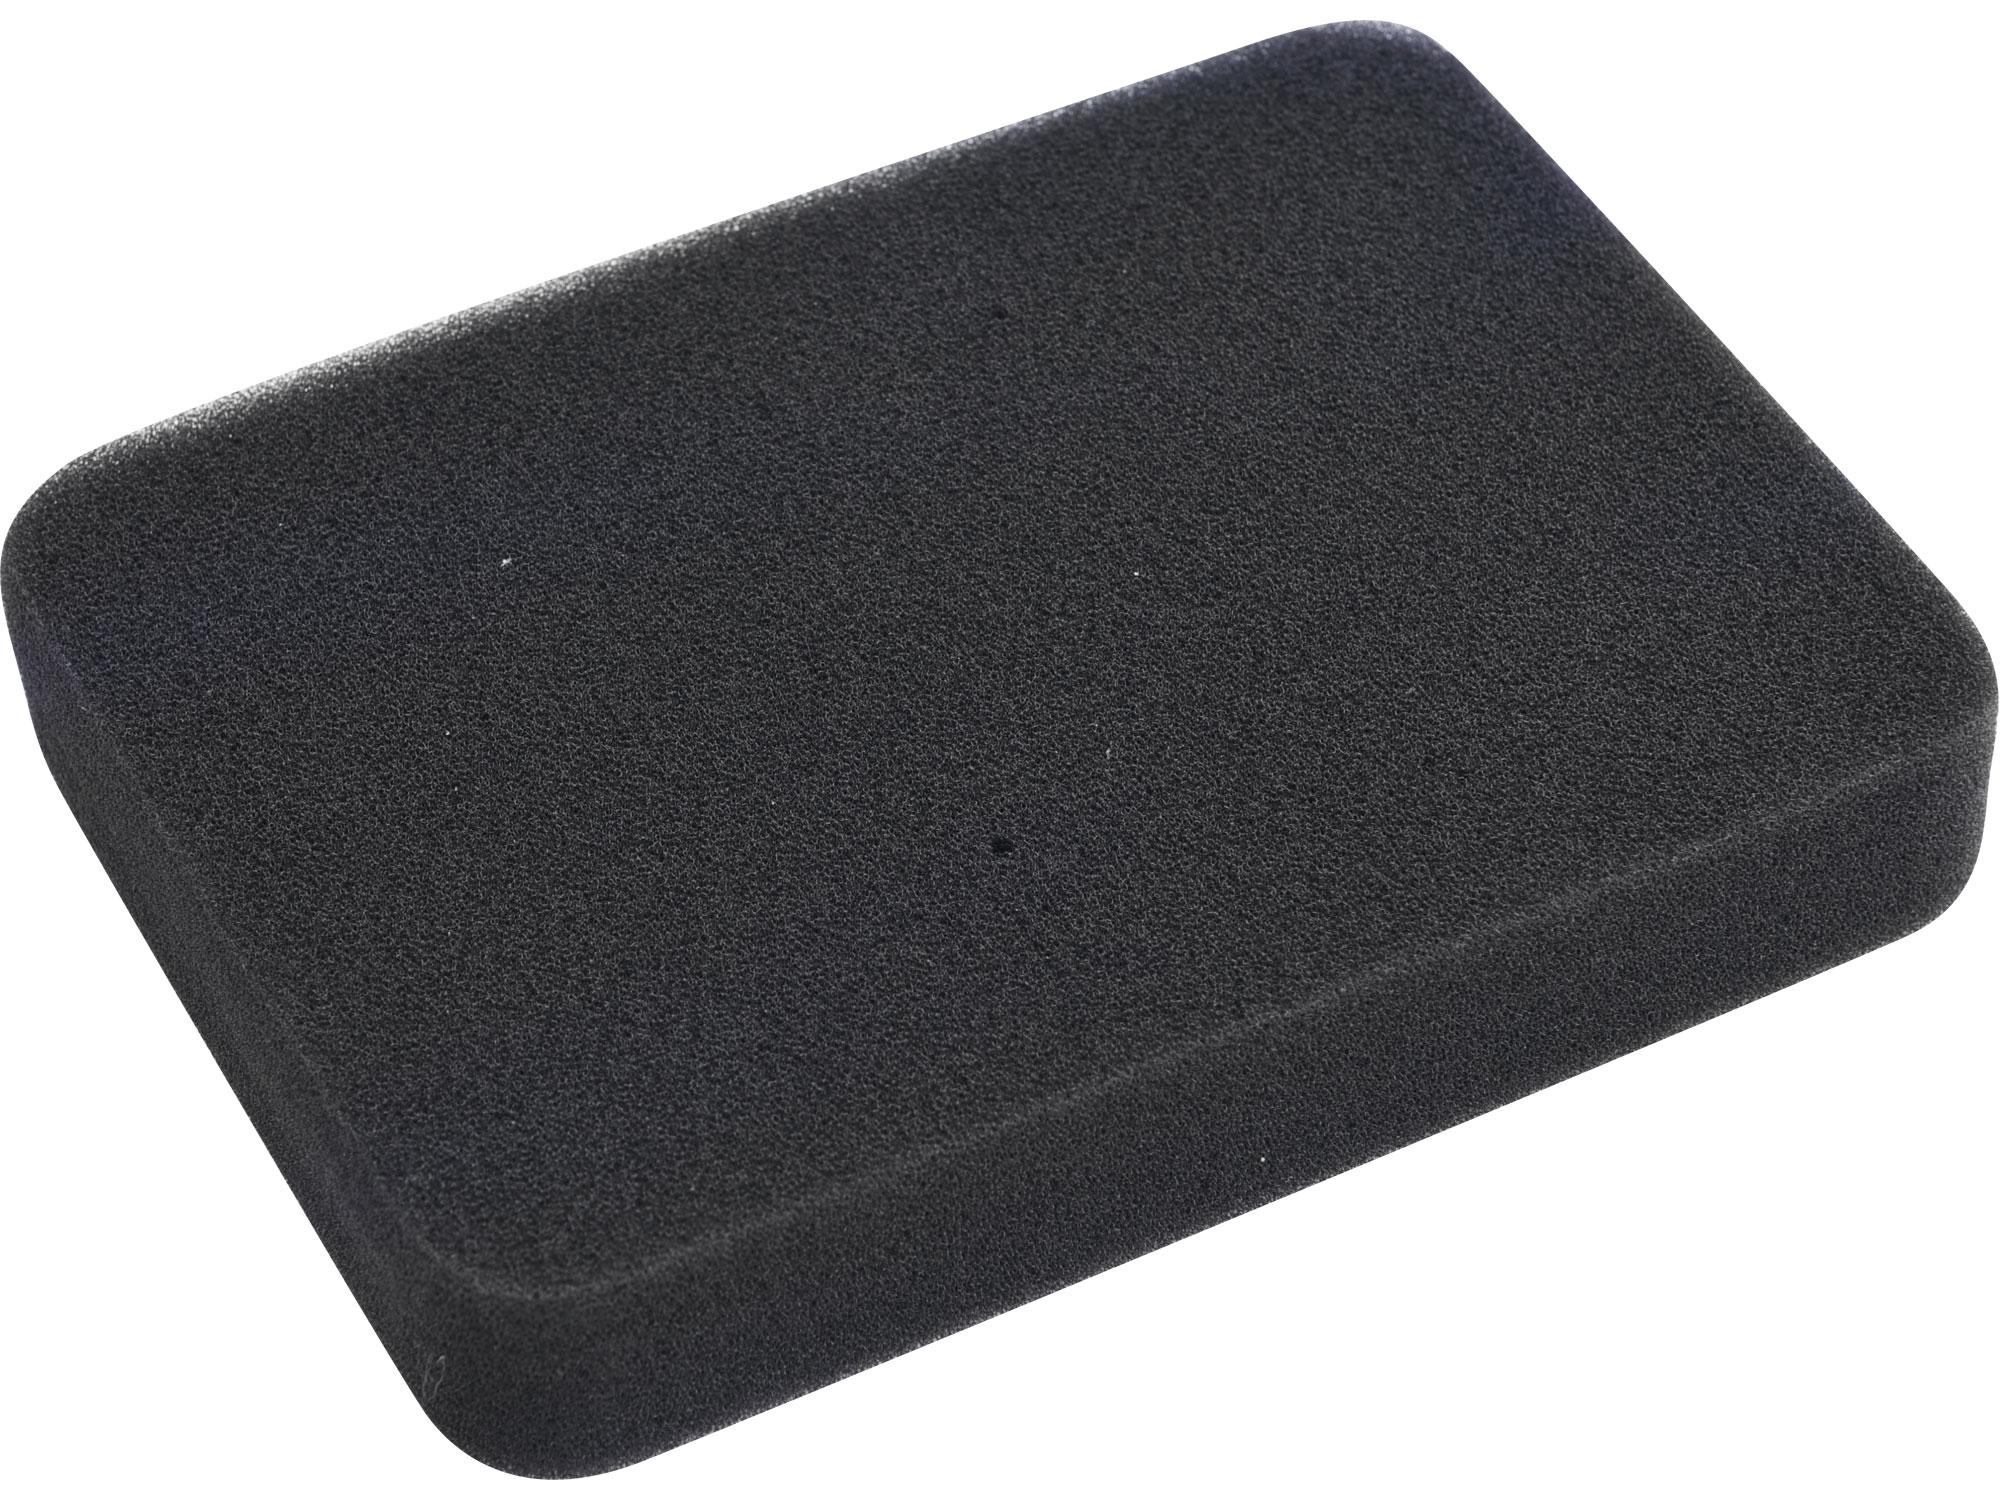 filtr vzduchový, 132 x 74 x 24mm, pěna, HERON 8896411B